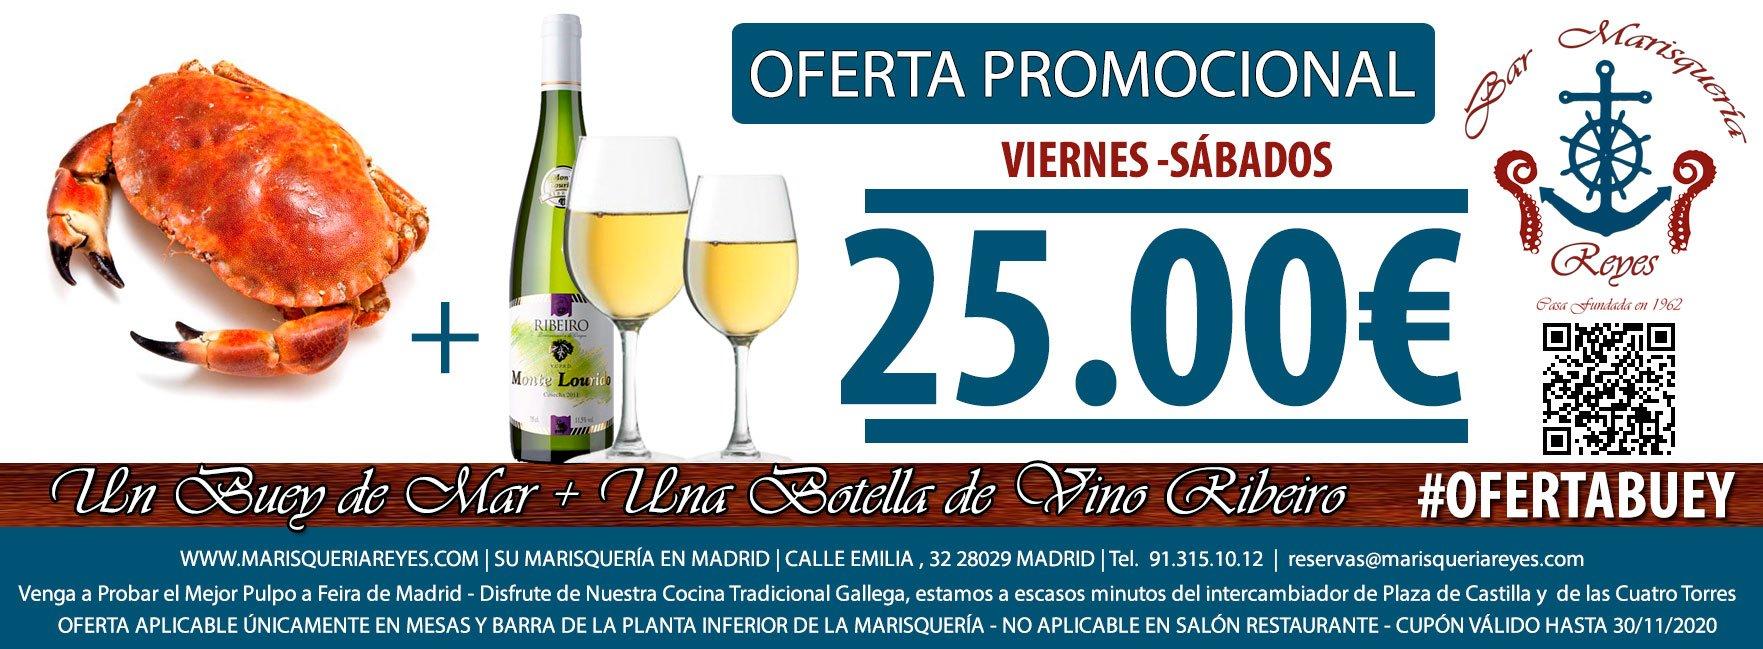 Promoción Buey de Mar + Botella de Ribeiro 25 €